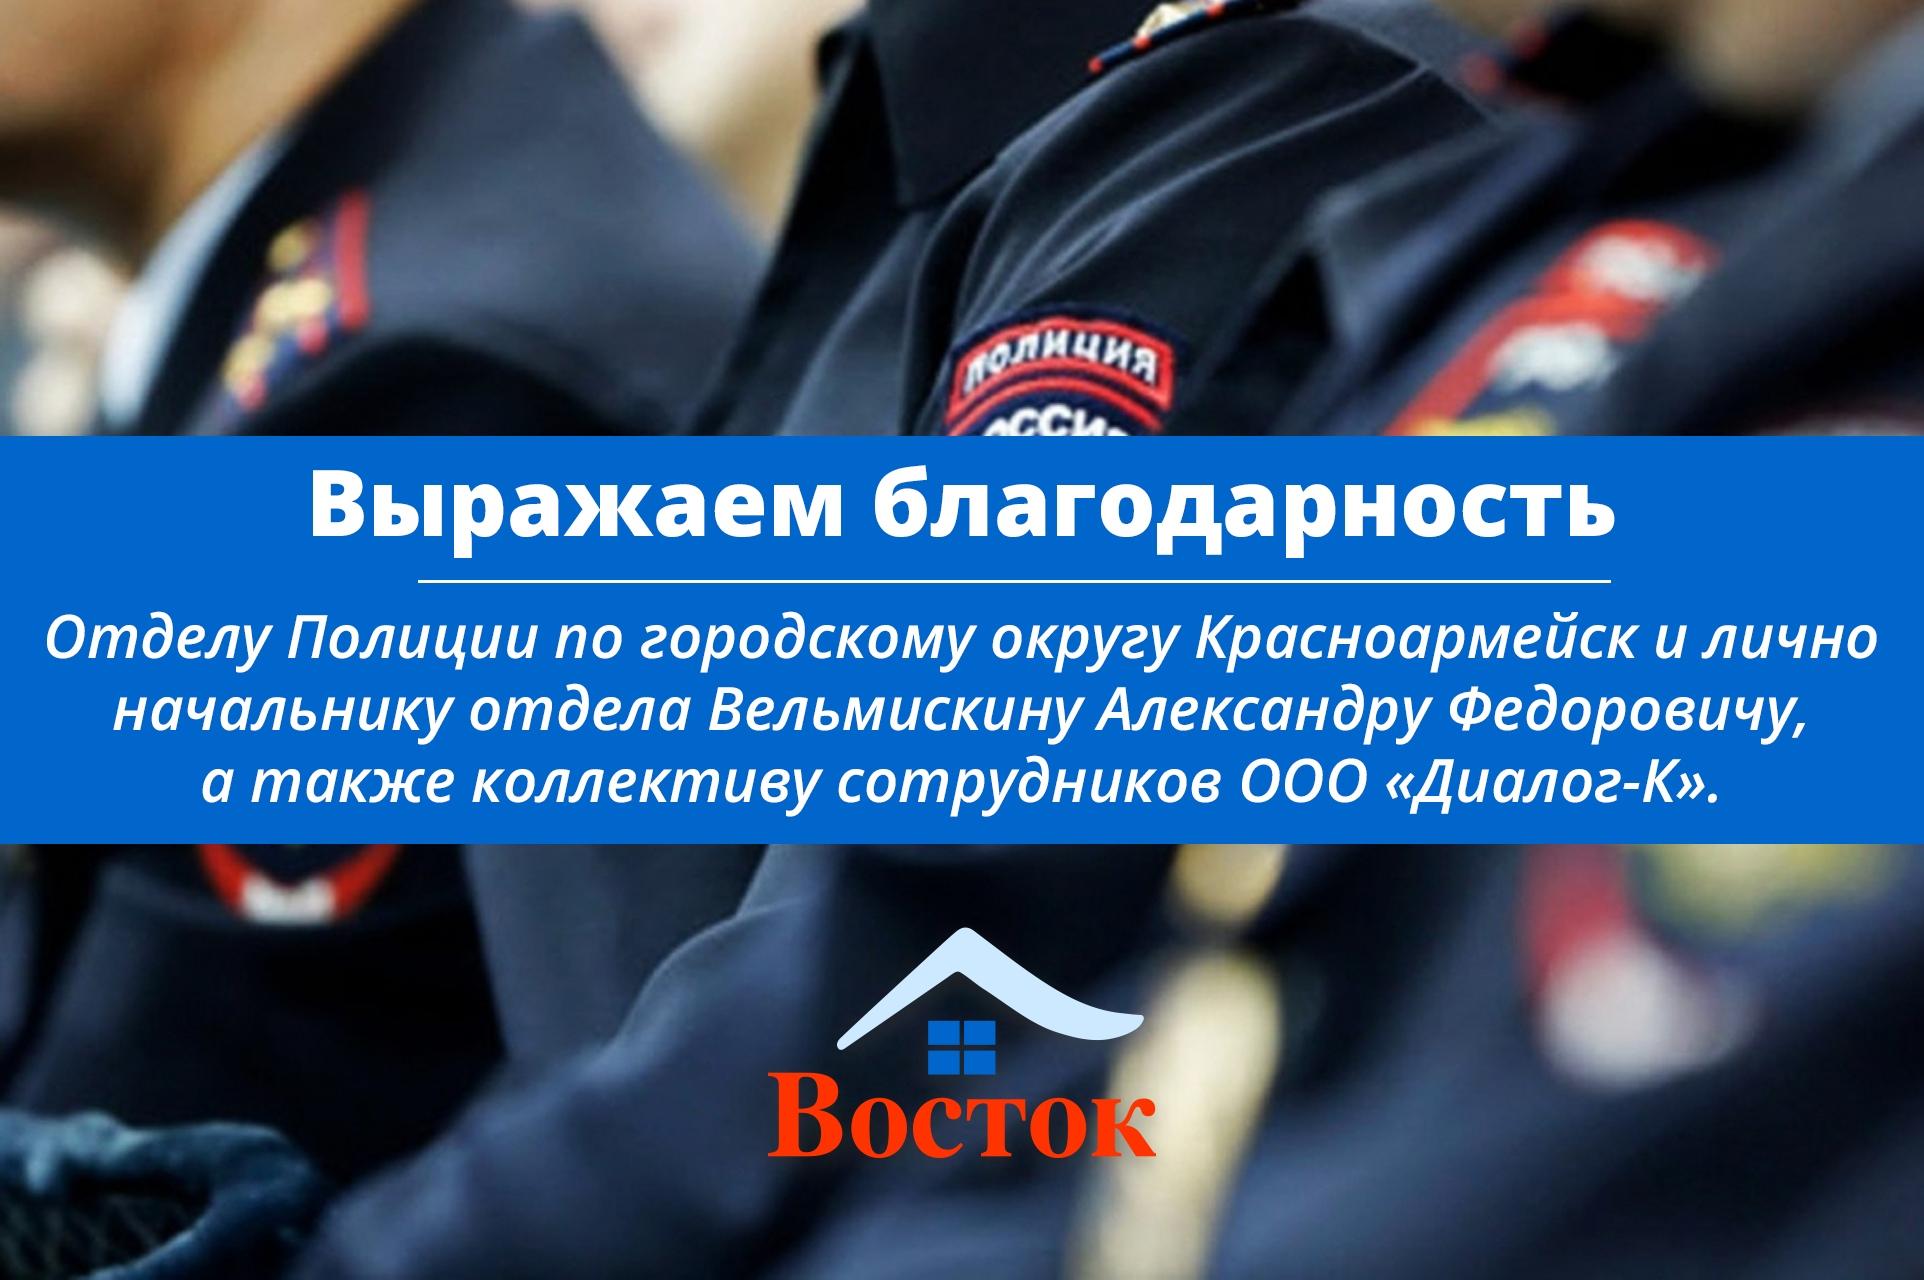 Выражаем благодарность городскому Отделу полиции и фирме «Диалог-К»